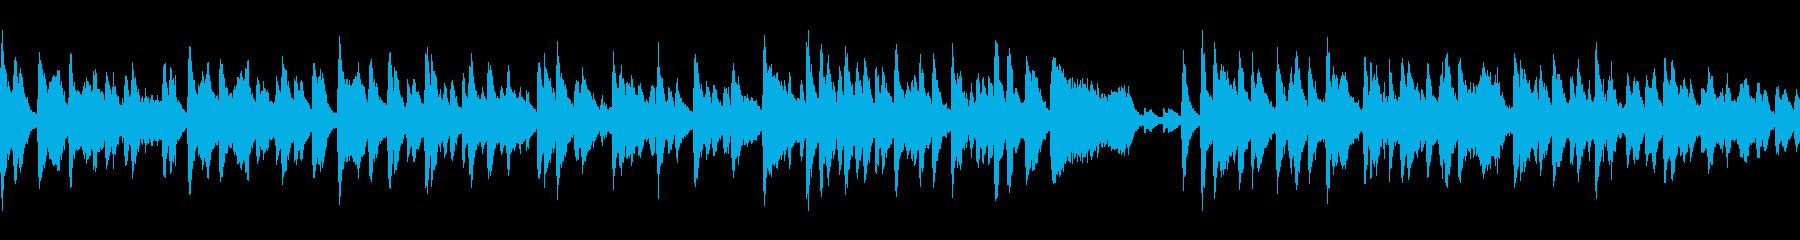 猫の宴 (ループ仕様)の再生済みの波形